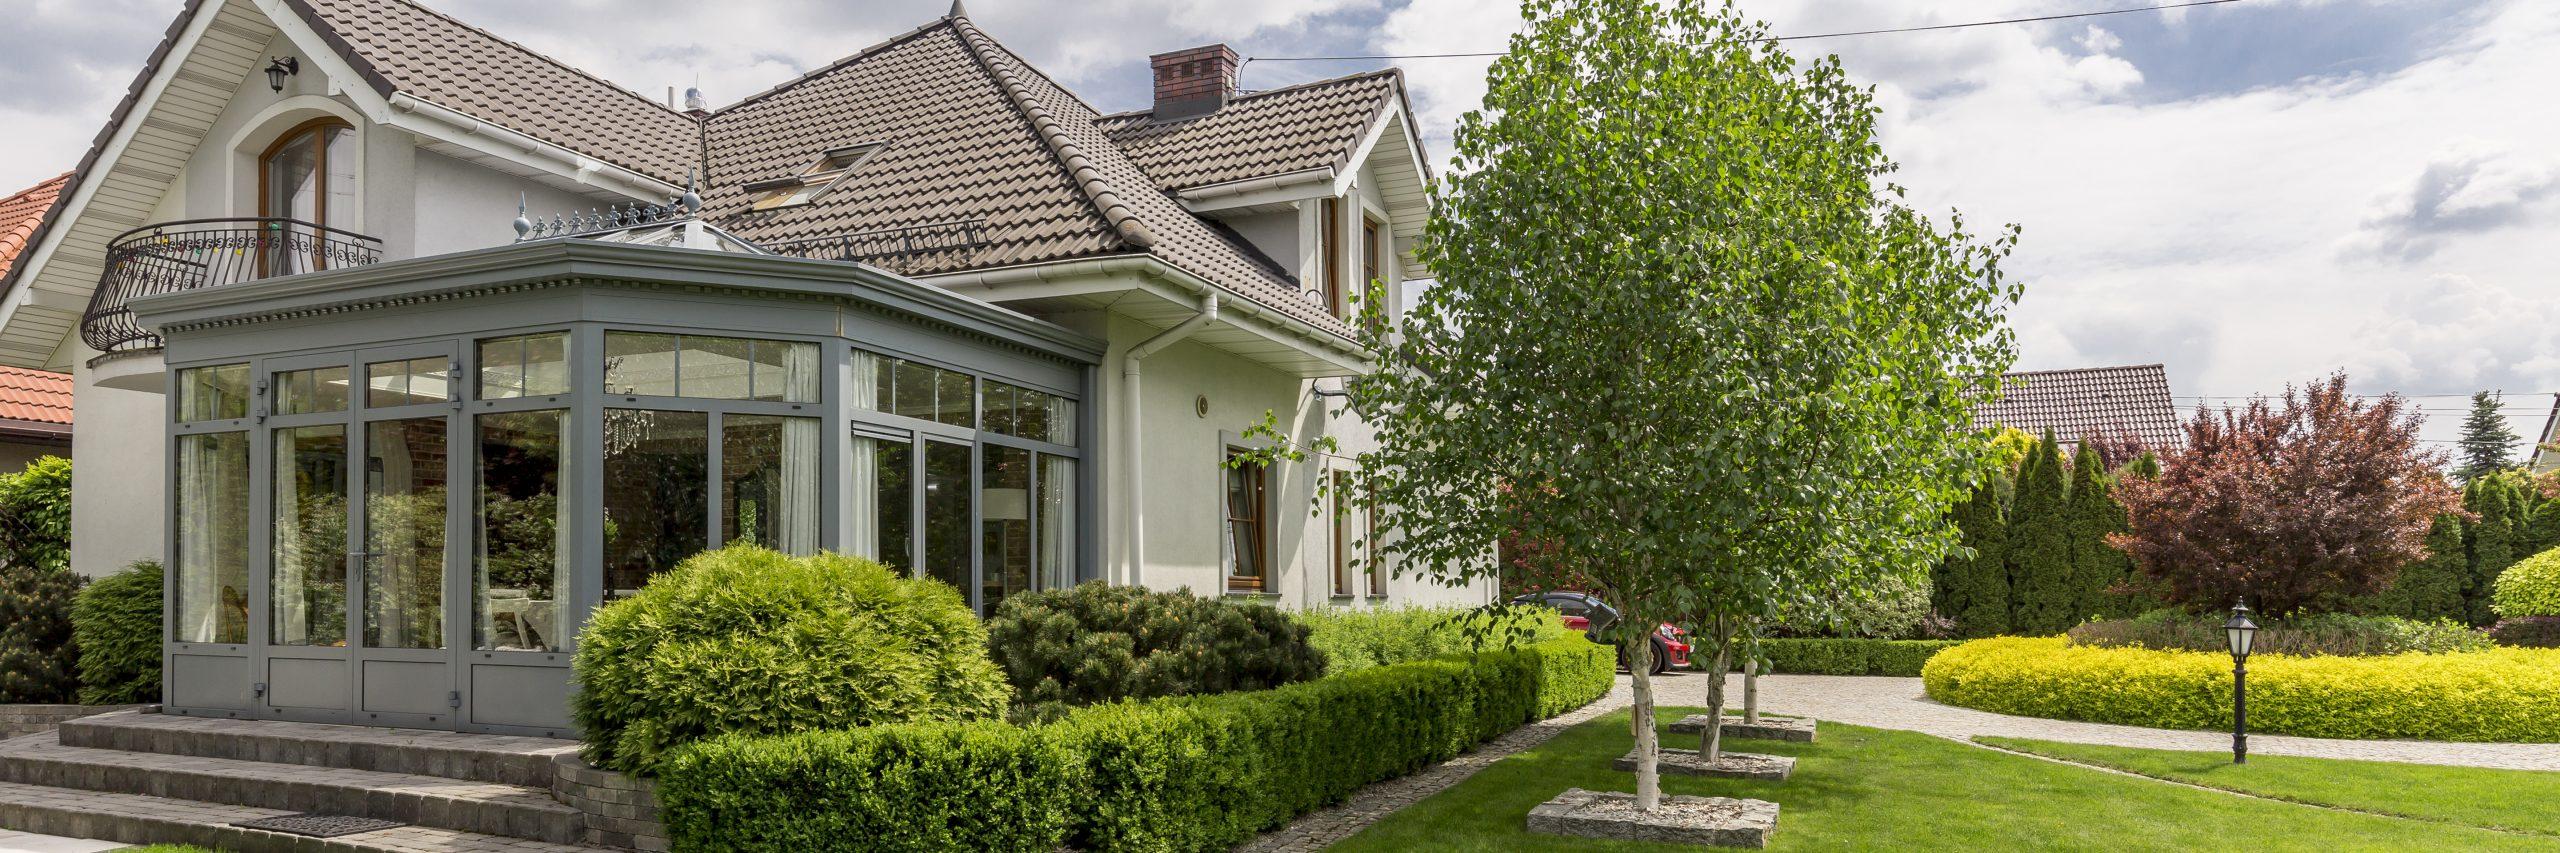 Einfamilienhaus Trier Immobilie Makler